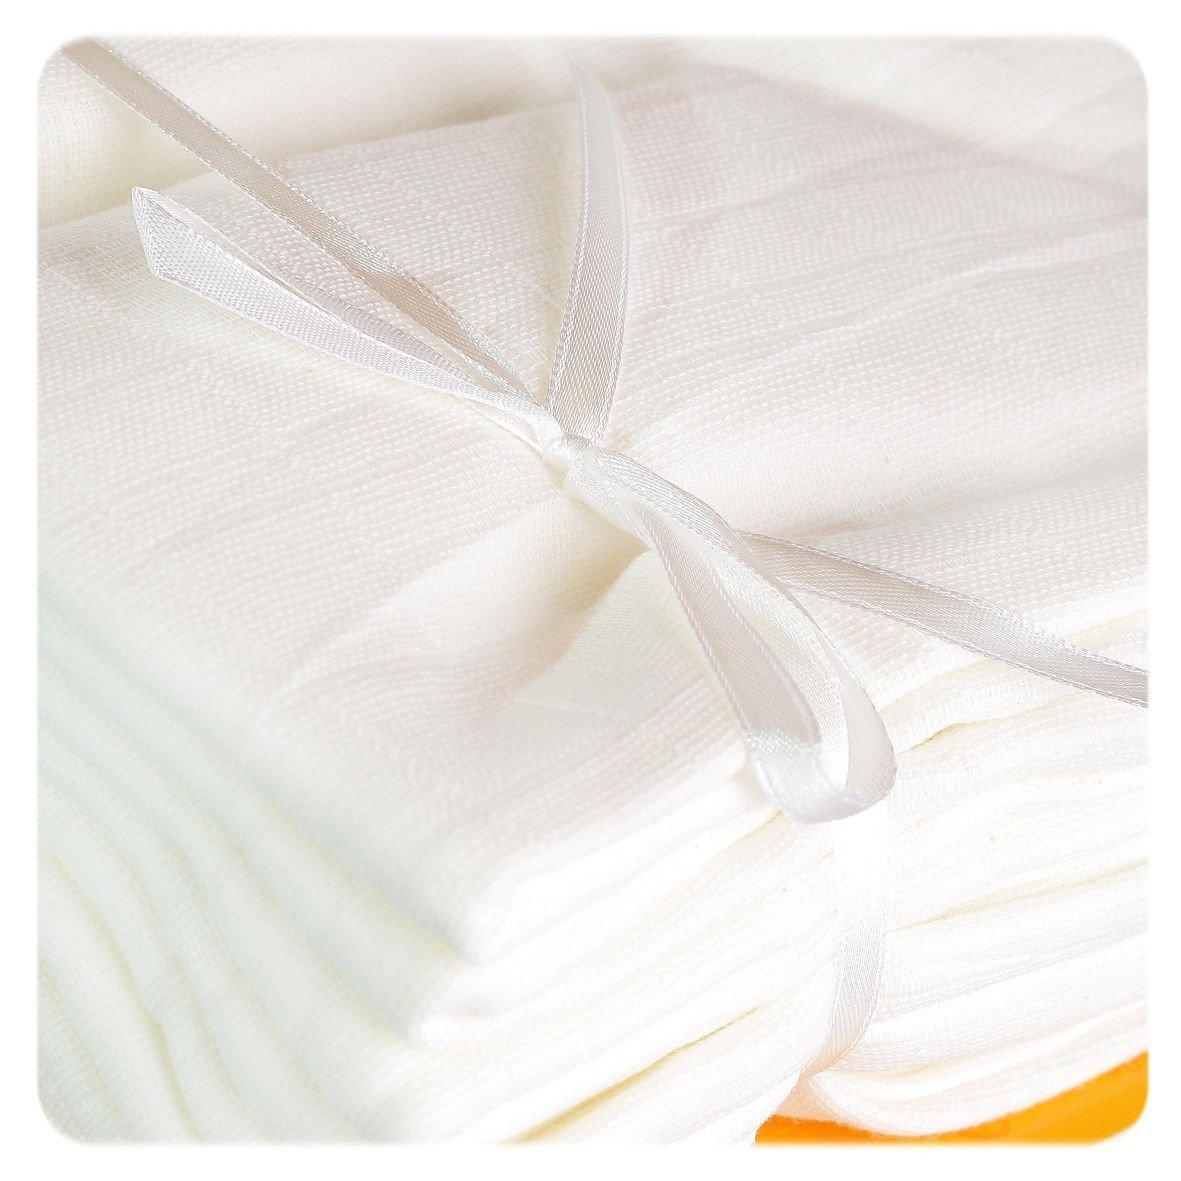 Vysokogram�n� bavlnen� plienky 10ks LUX Natural 70x70cm Kikko - zv��i� obr�zok